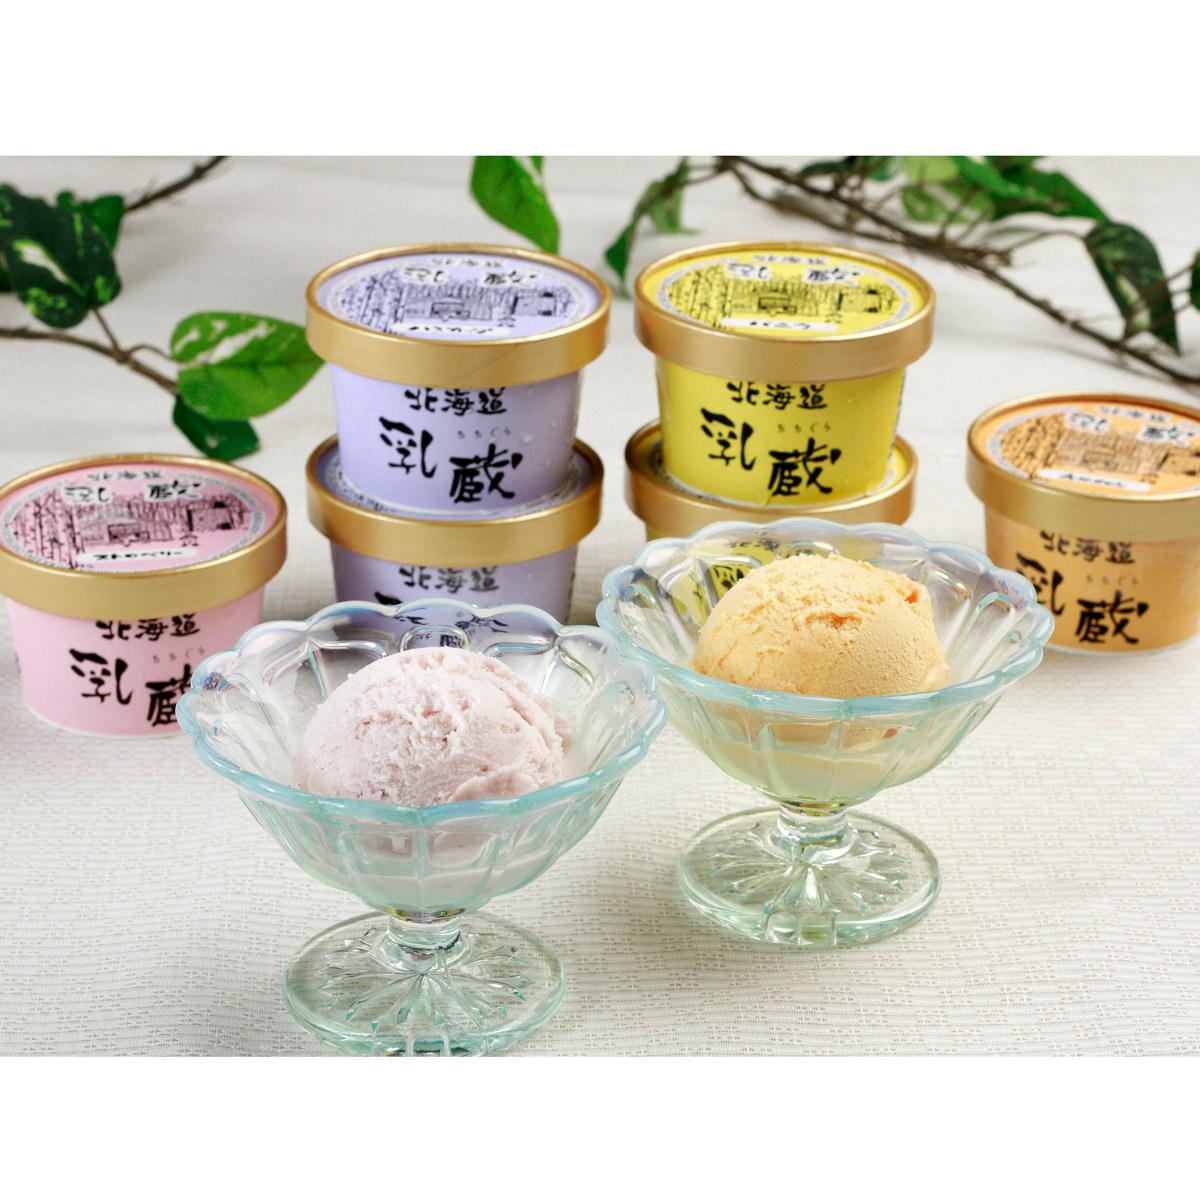 乳蔵 北海道アイスクリーム 8個 〔バニラ・赤肉メロン・ストロベリー・ハスカップ 各90ml×2〕 北海道産 アイス詰め合わせ